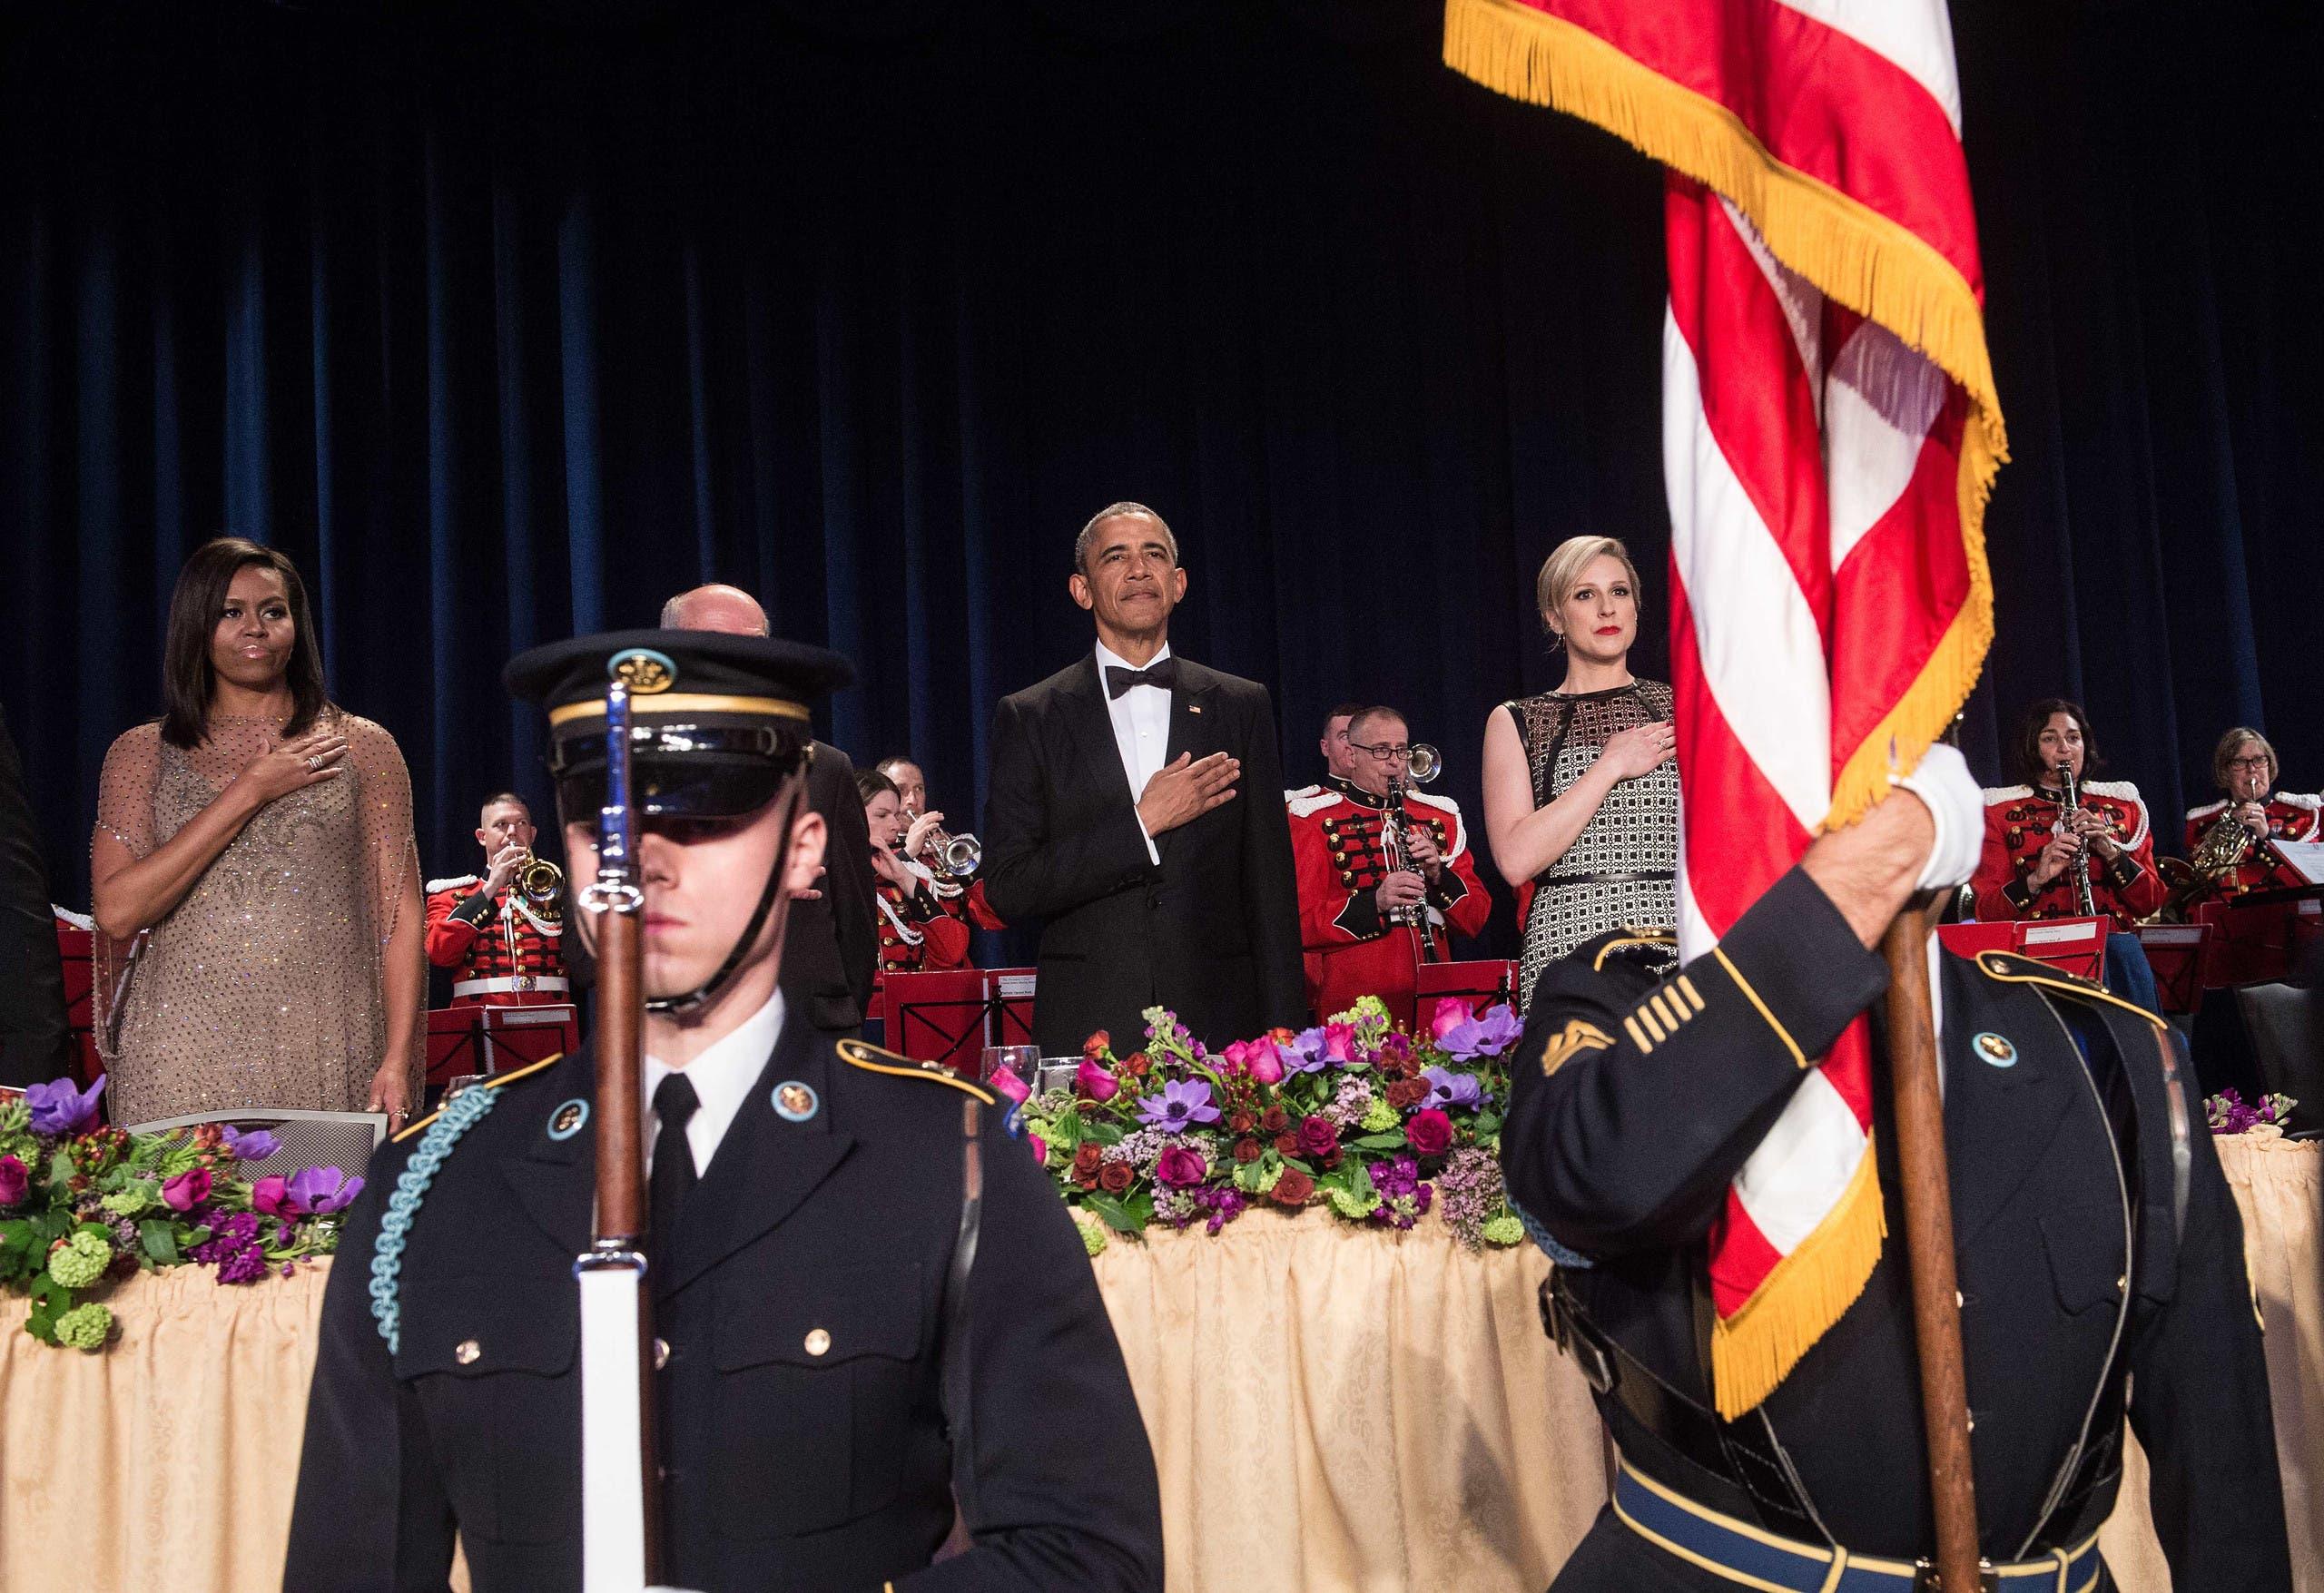 من العشاء السنوي لمراسلي البيت الأبيض عام 2016 الذي حضره الرئيس حينها باراك أوباما